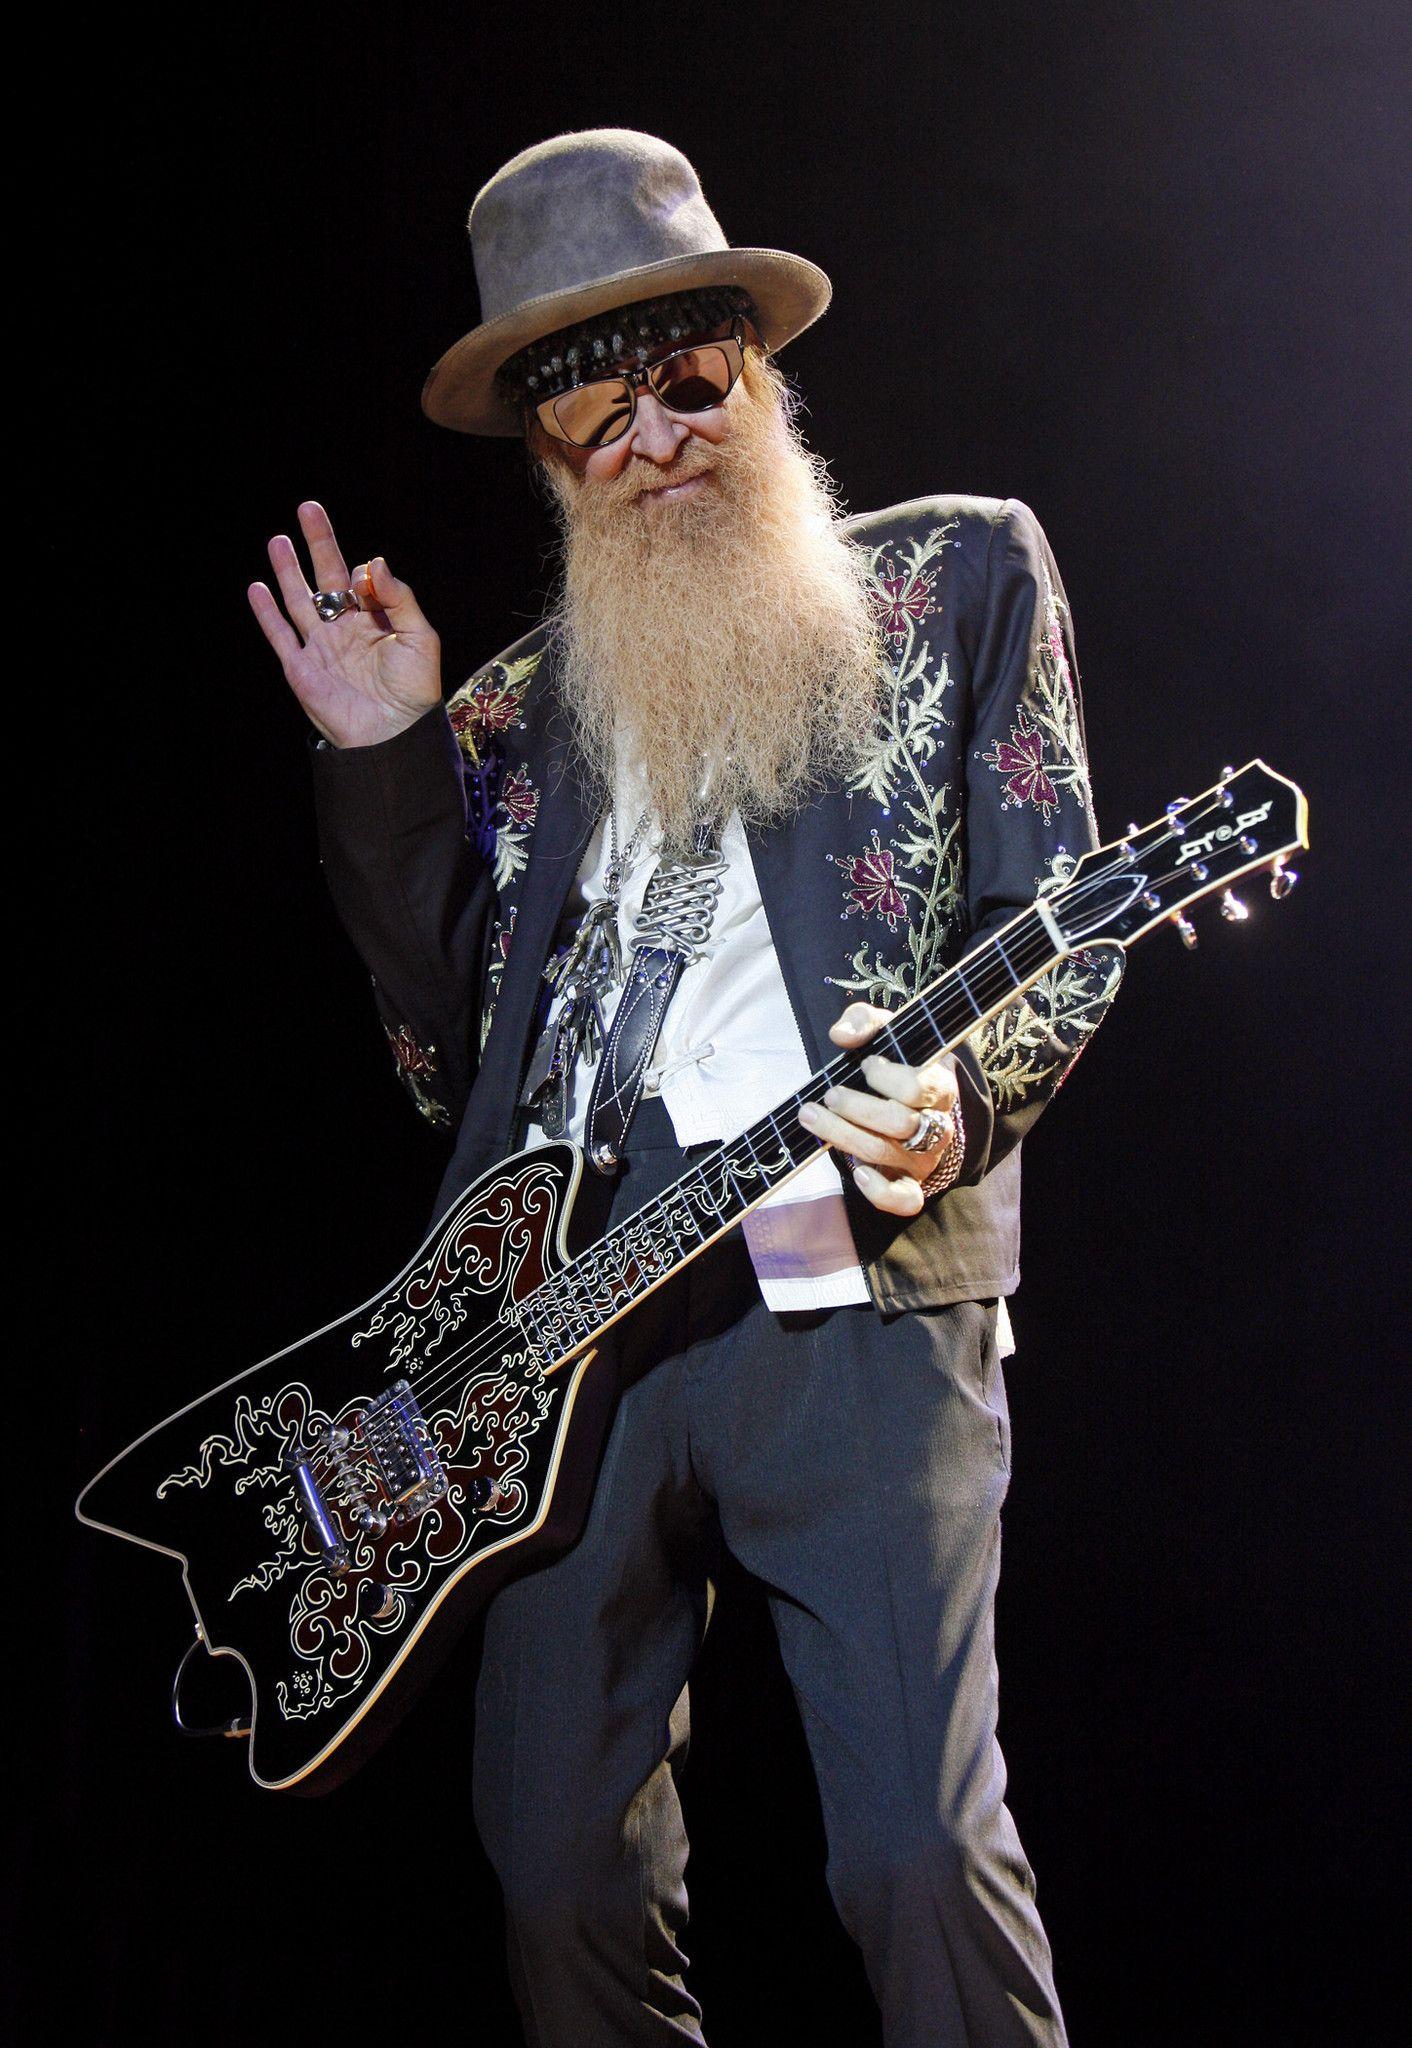 ZZ Top guitarist Billy Gibbons postpones concert at